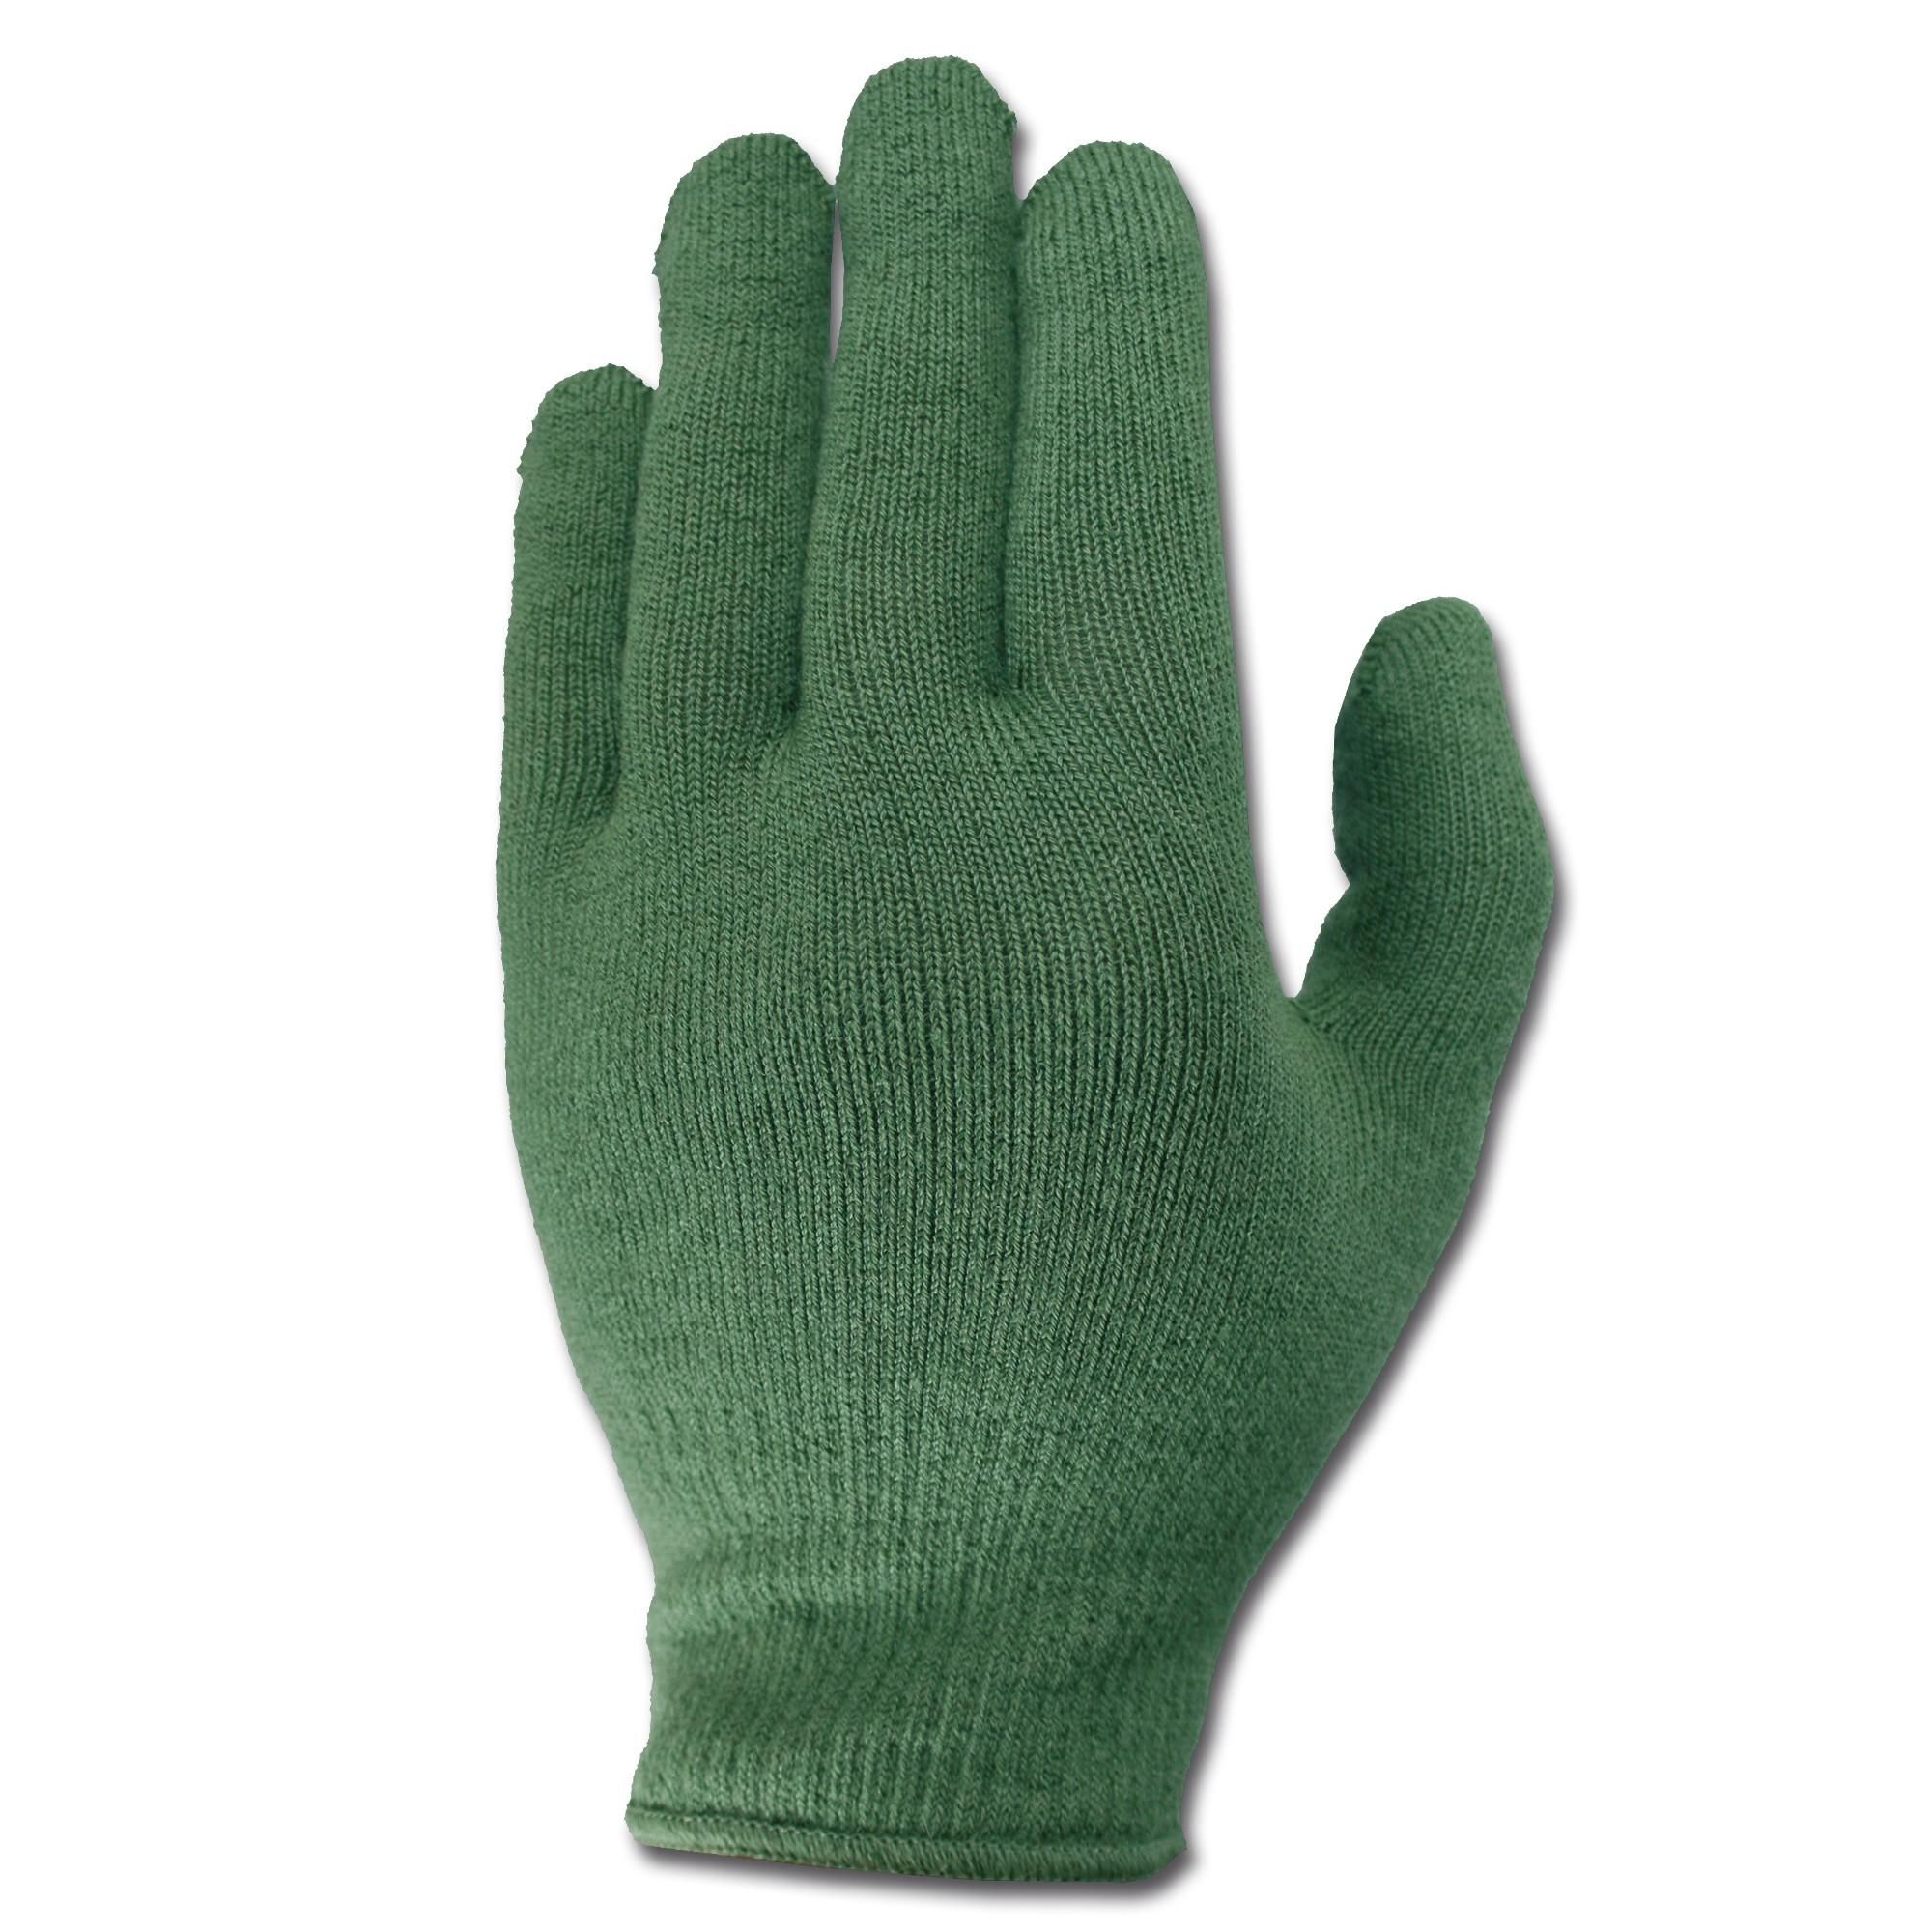 Doublure de gants BCB vert olive